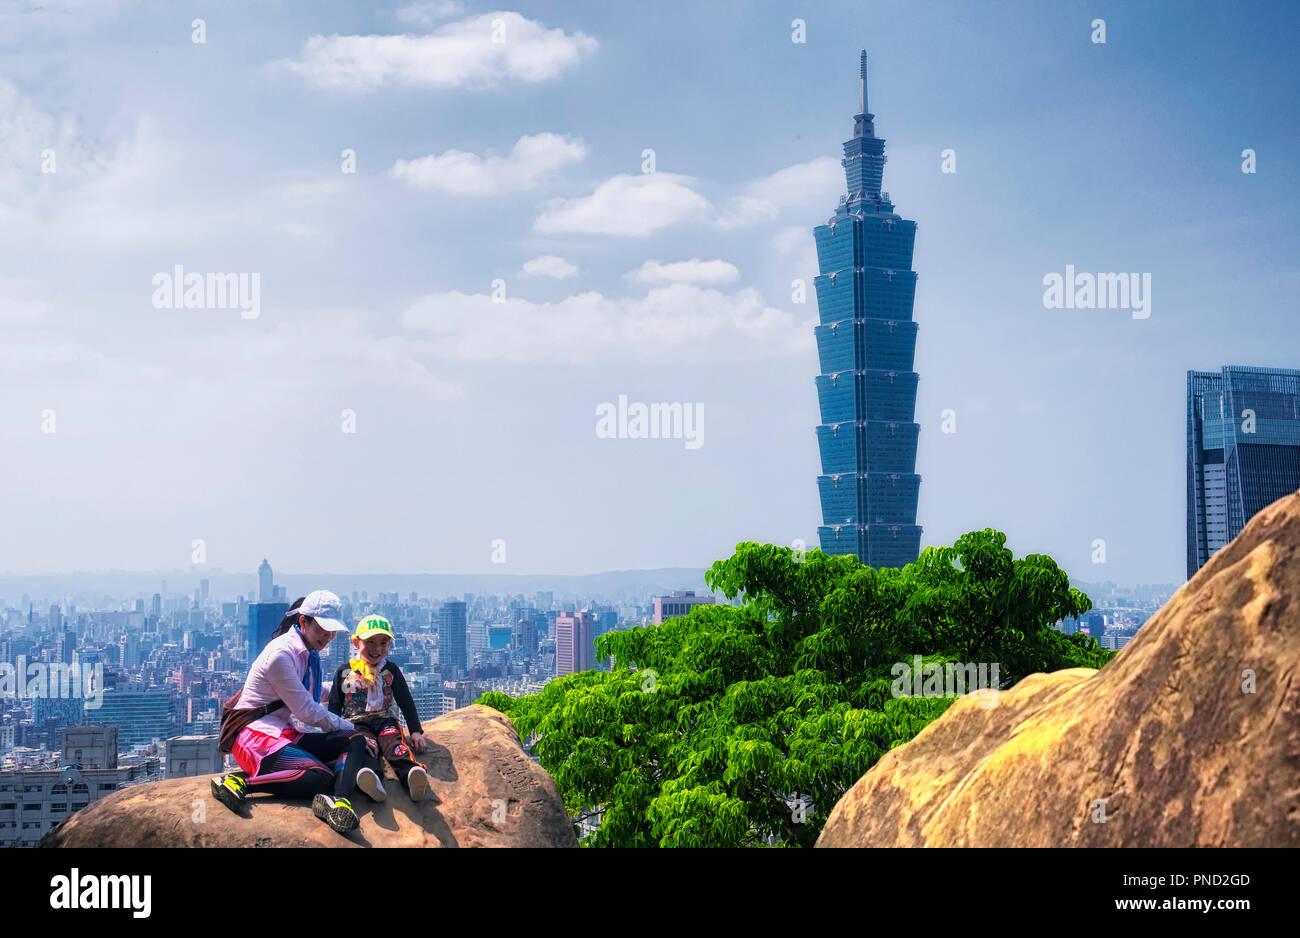 El 1 de abril de 2018. Taipei, Taiwán. Una madre y su hija posando en las rocas con el emblemático edificio Taipei 101 elevándose sobre arquitectura genérica en la ciudad Imagen De Stock